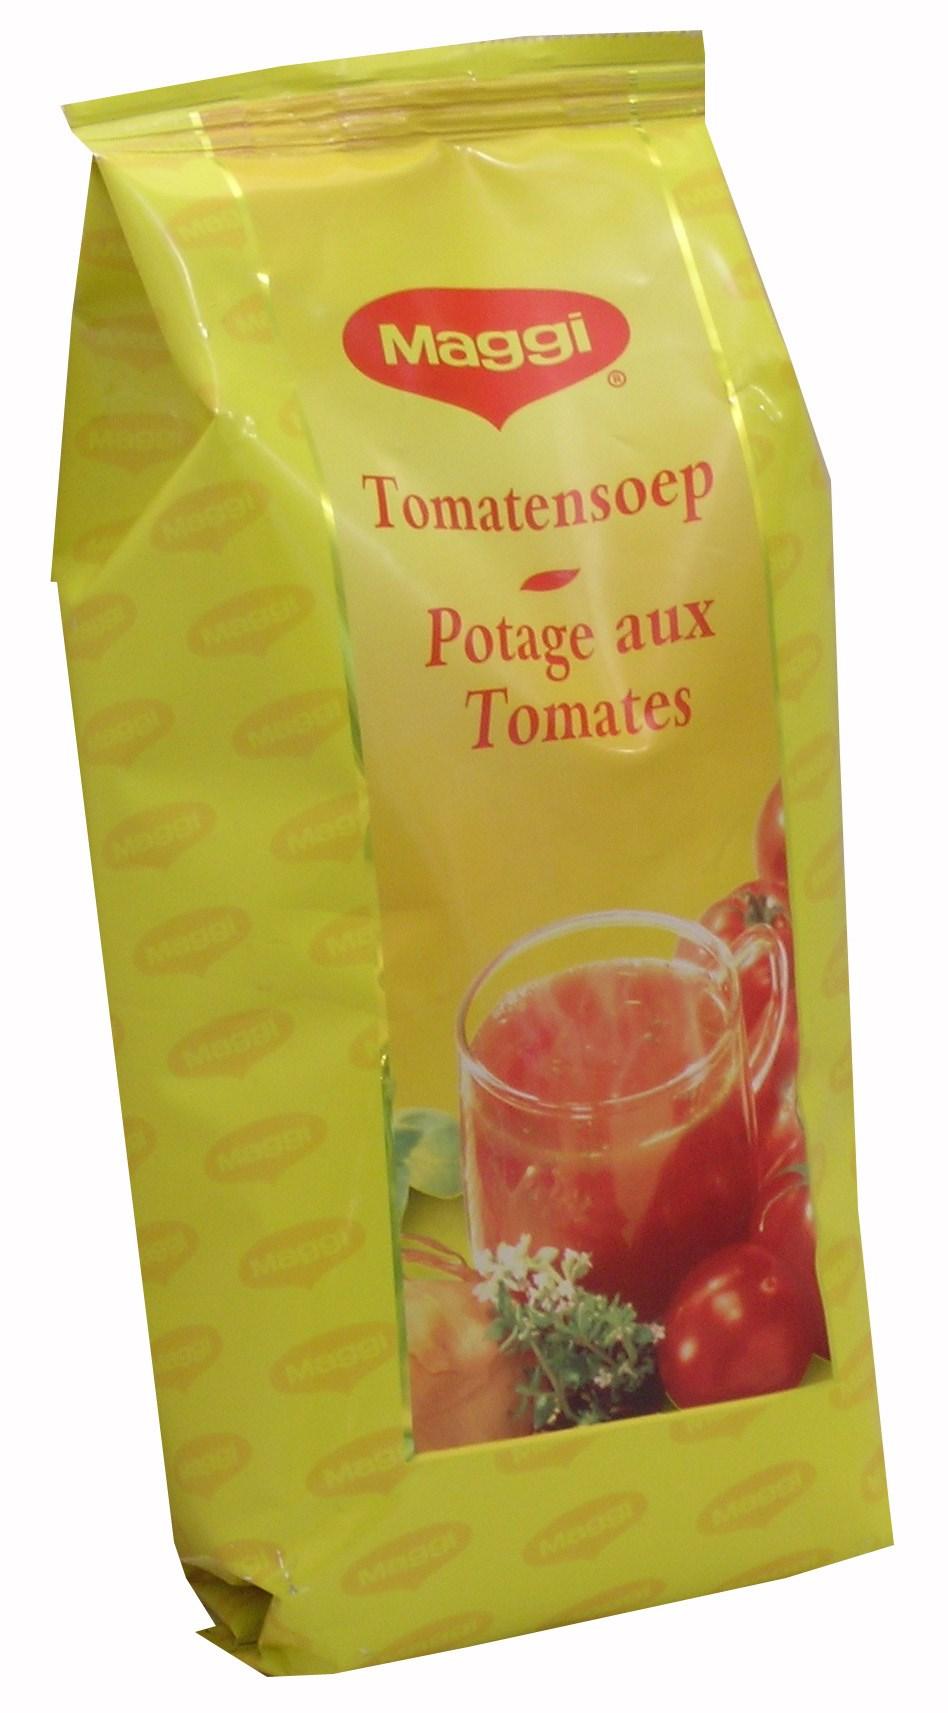 maggi potage aux tomates pour distributeurs automatiques storme. Black Bedroom Furniture Sets. Home Design Ideas